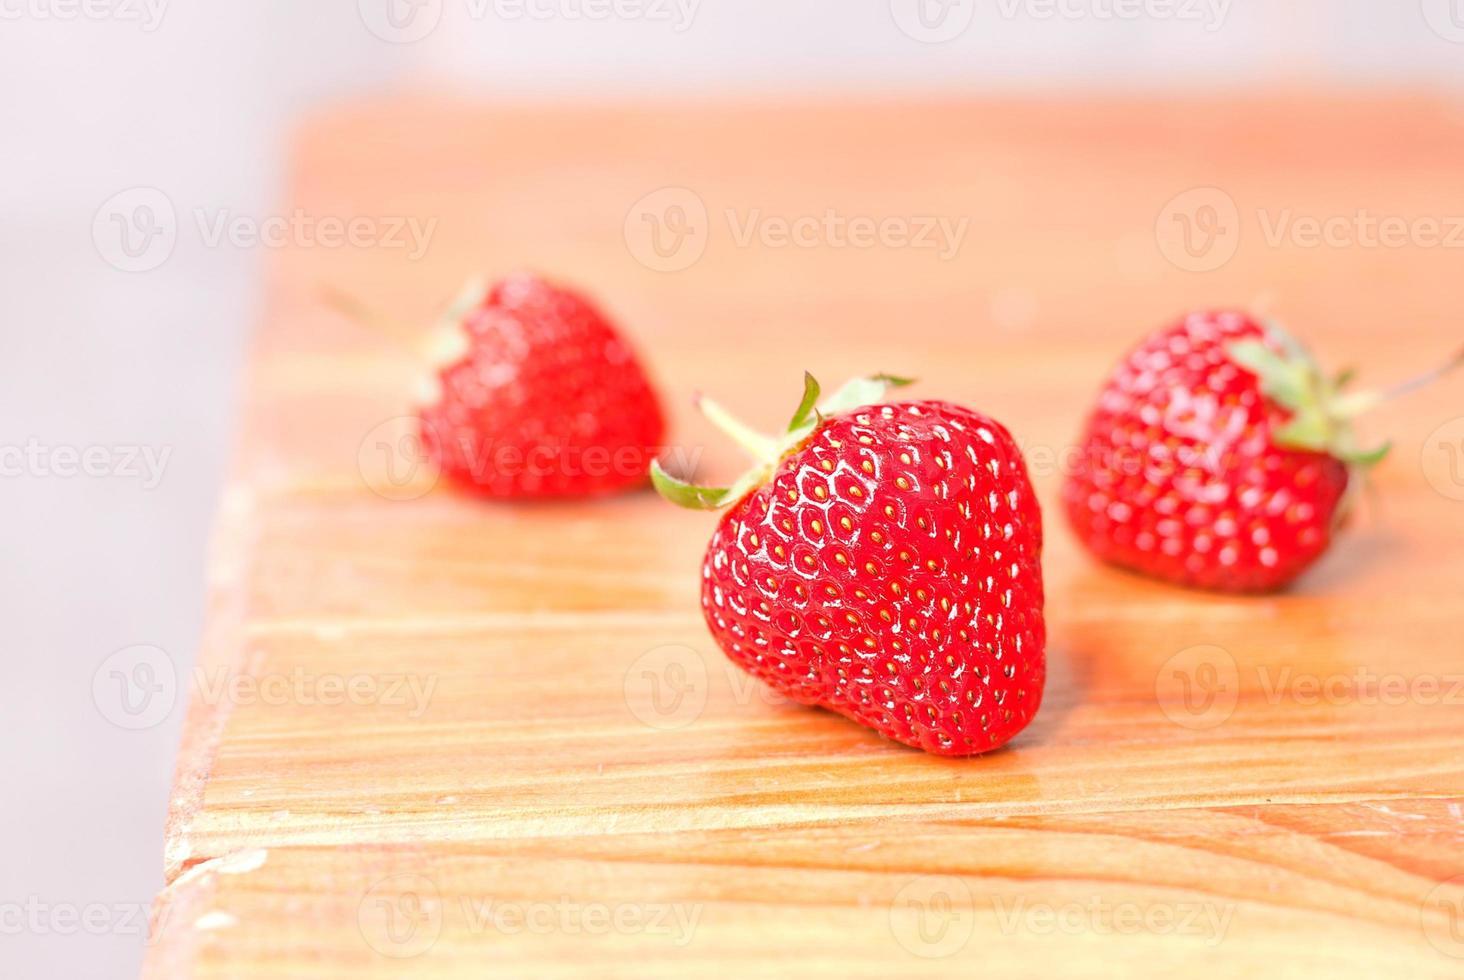 drei Erdbeeren auf dem Tisch, Seitenansicht foto